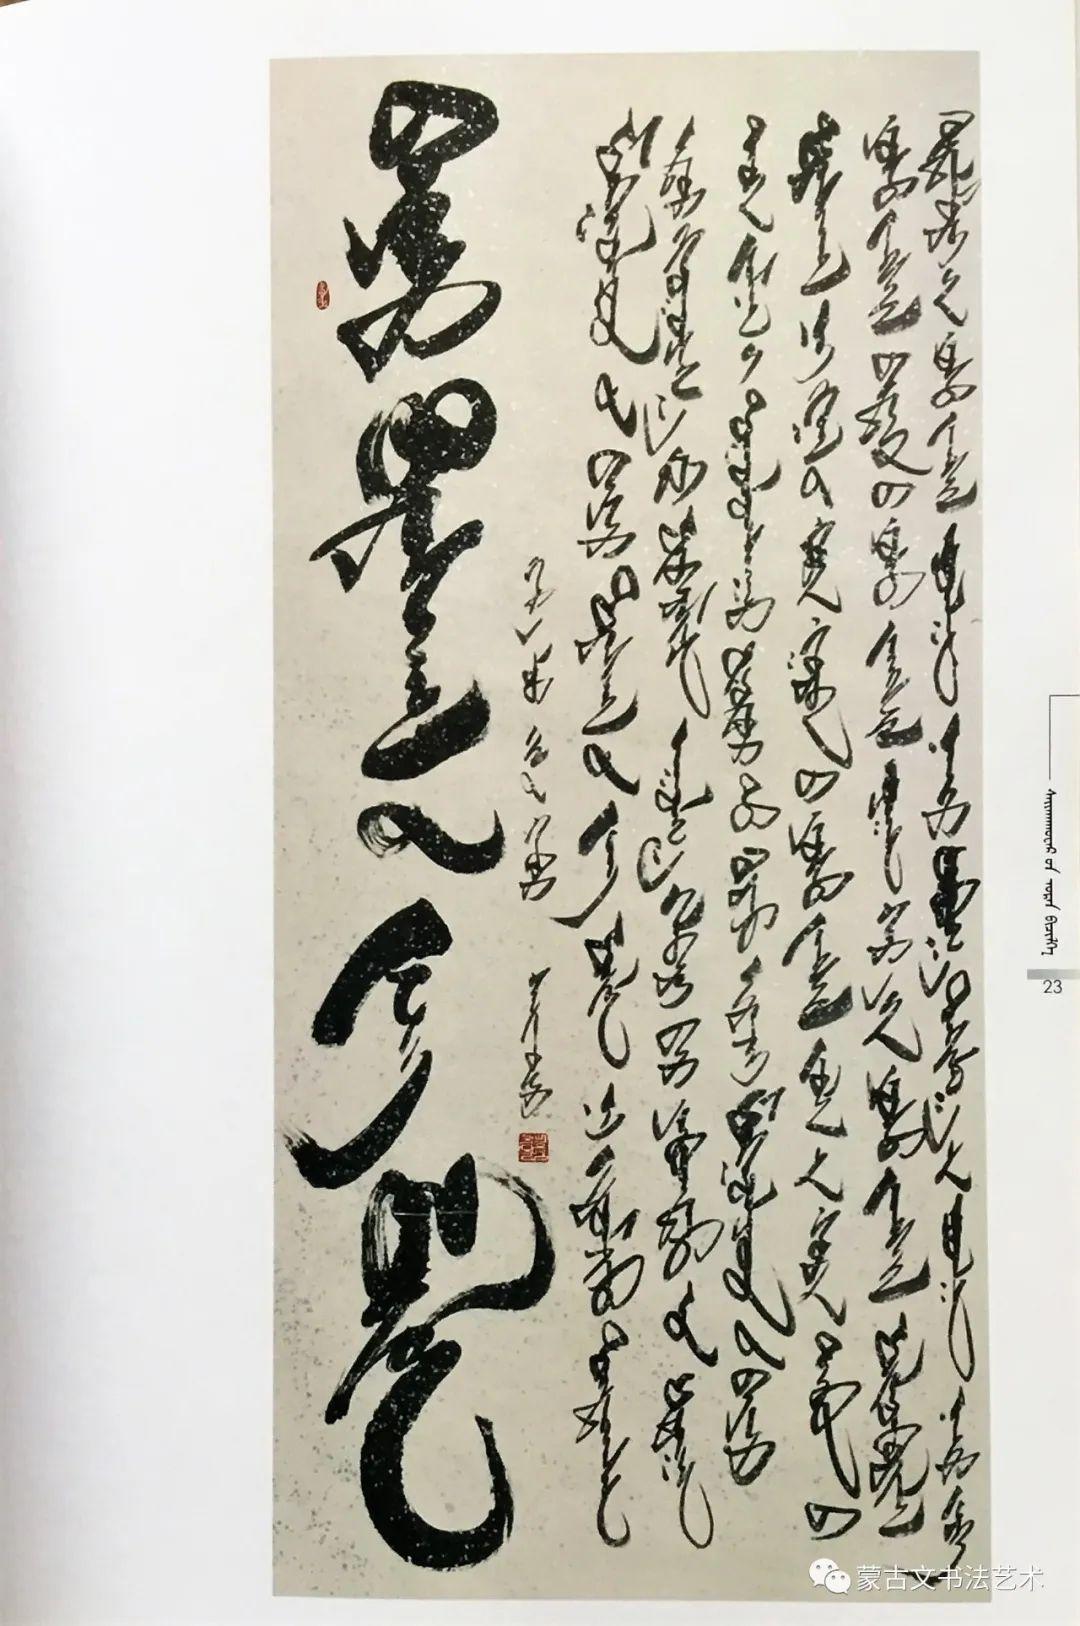 包赛音花《传奇奈曼-包赛音花蒙古文书法》 第12张 包赛音花《传奇奈曼-包赛音花蒙古文书法》 蒙古书法